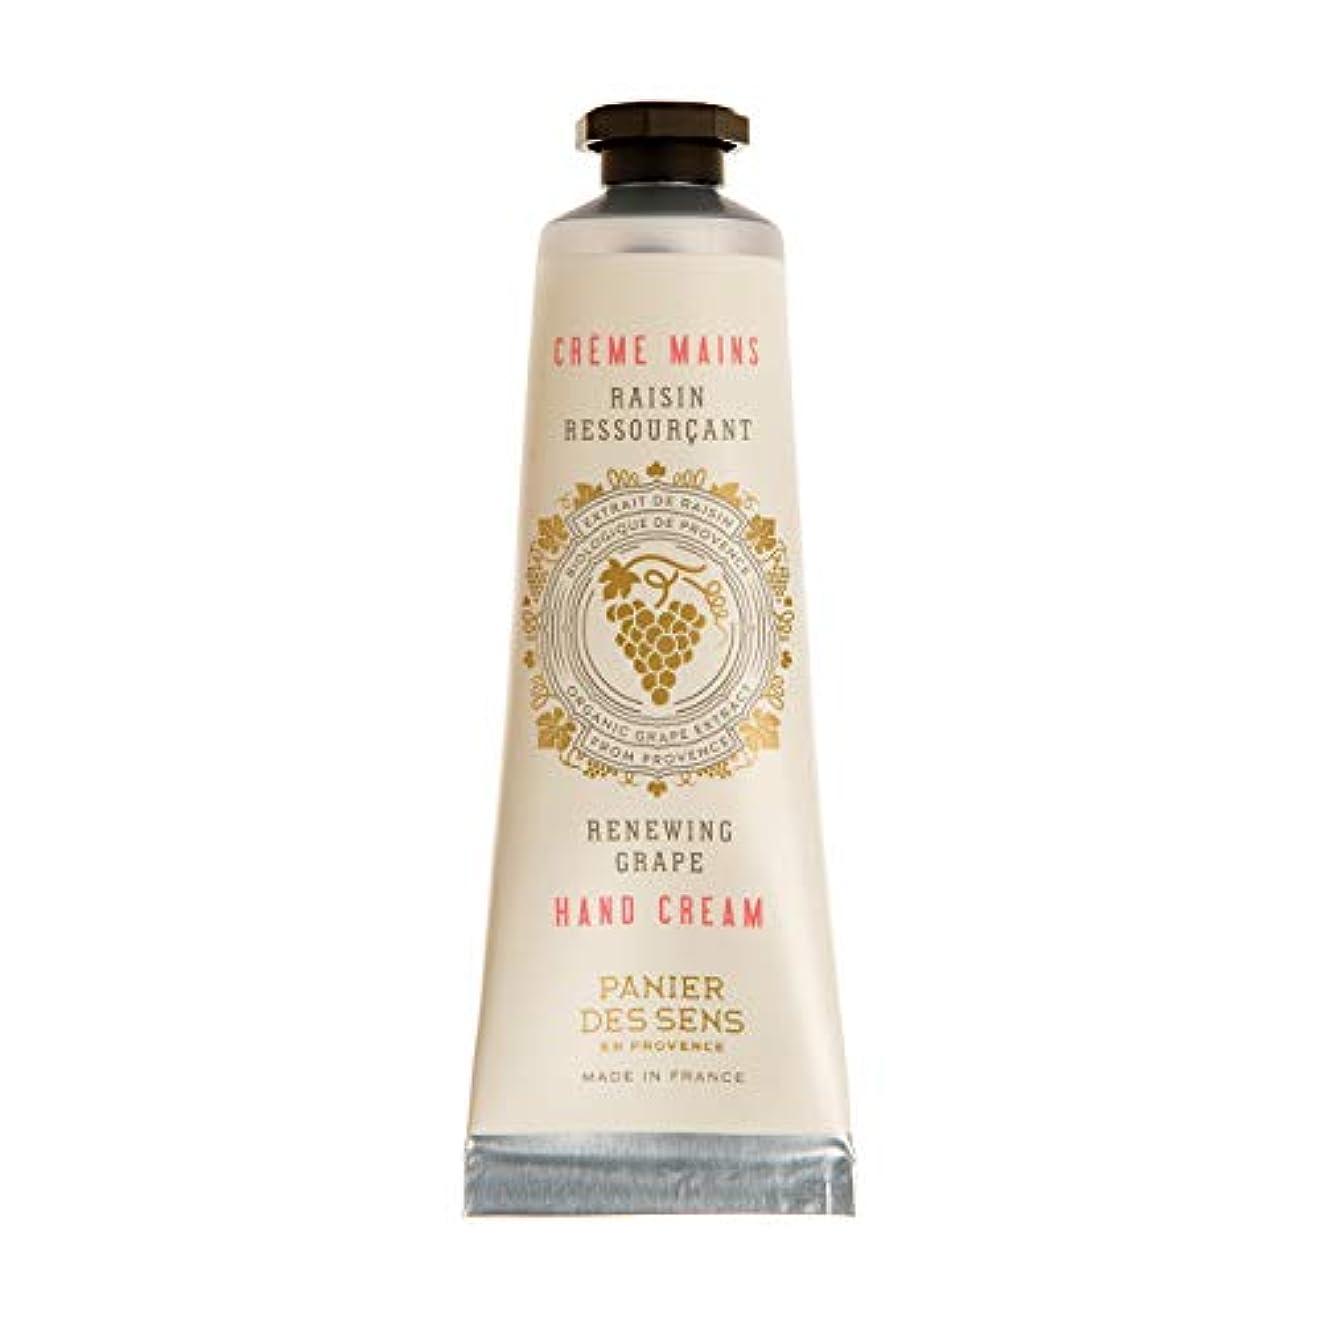 つば額未就学パニエデサンス ハンドクリーム ホワイトグレープのフレッシュな香り 30mL(手肌用保湿 フランス製)